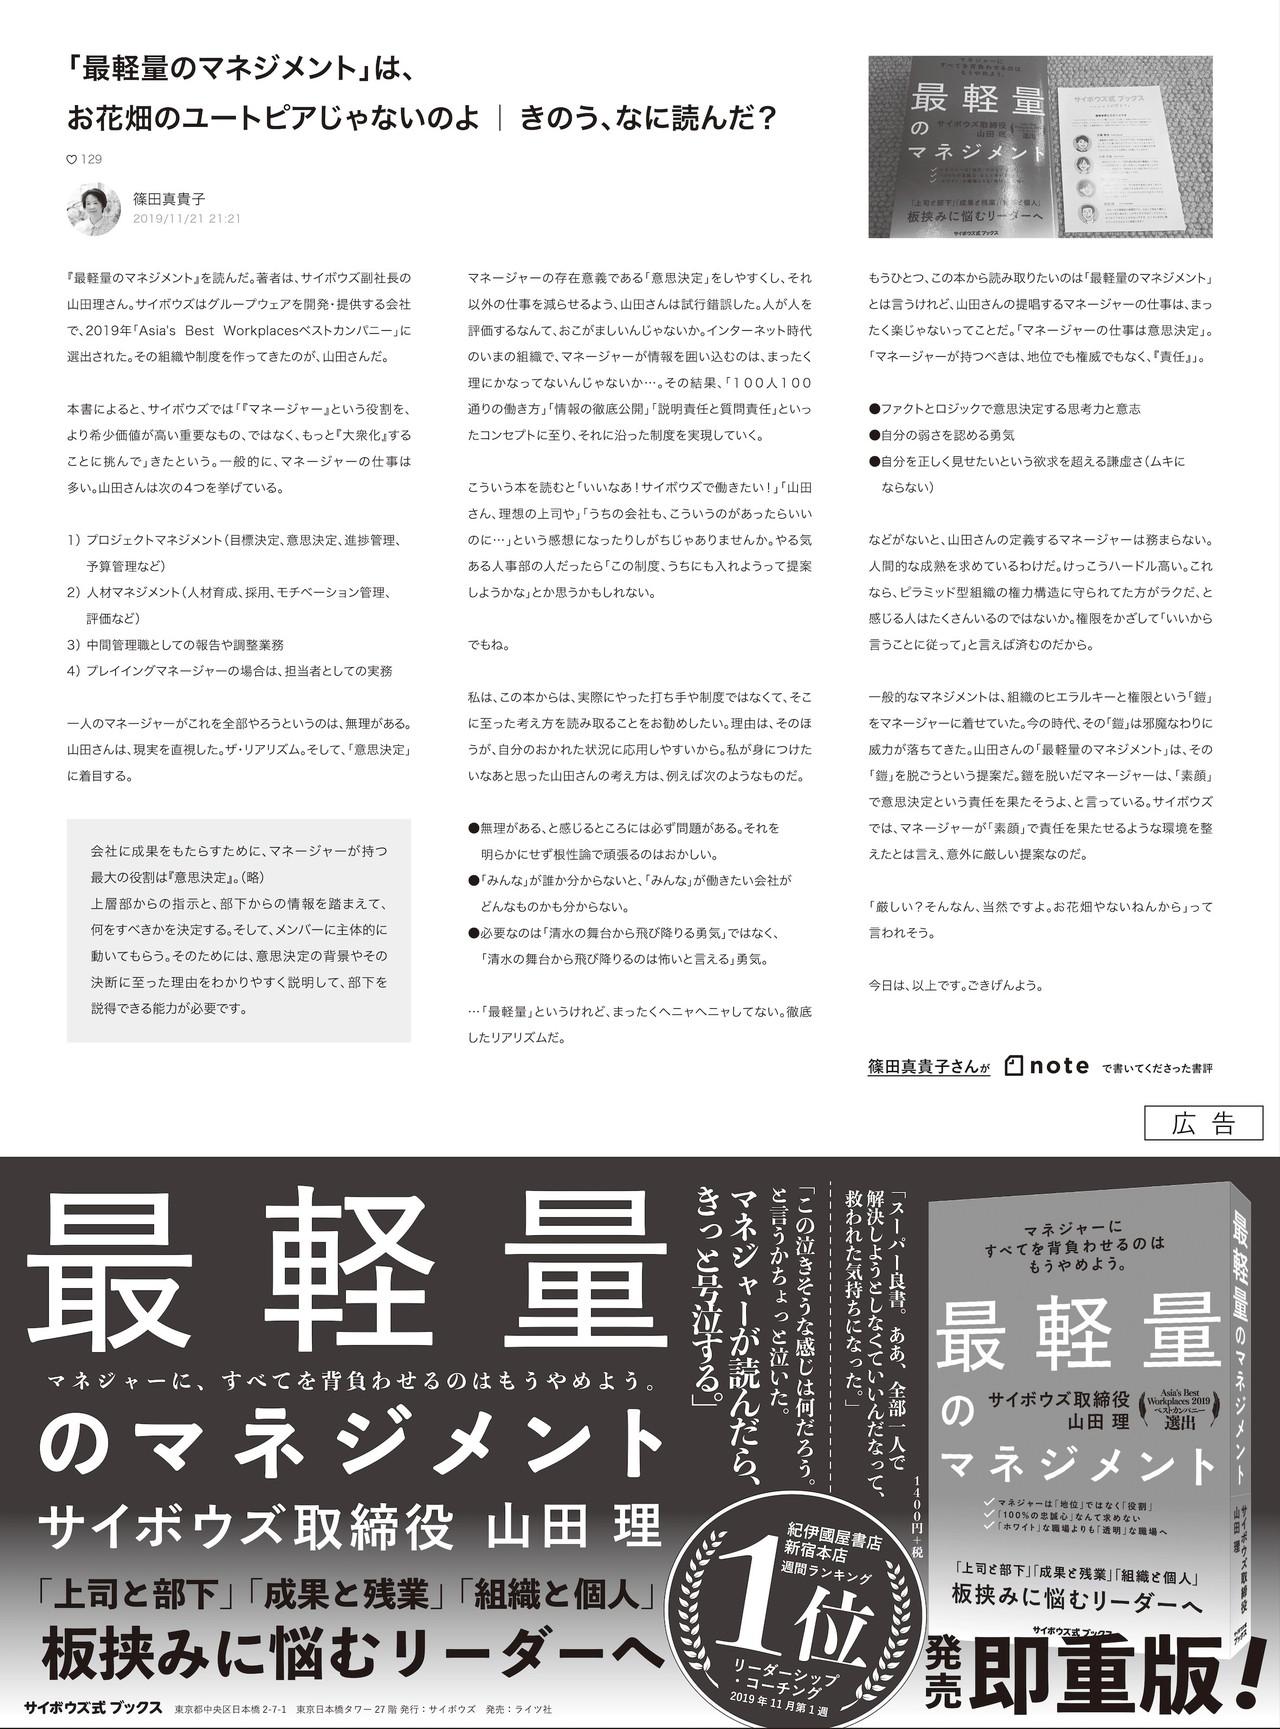 noteに投稿された書評が、日経新聞の全面広告に掲載されました。#サイボウズ式ブックス の第一弾書籍『最軽量のマネジメント』が篠田真貴子さんの記事を採用